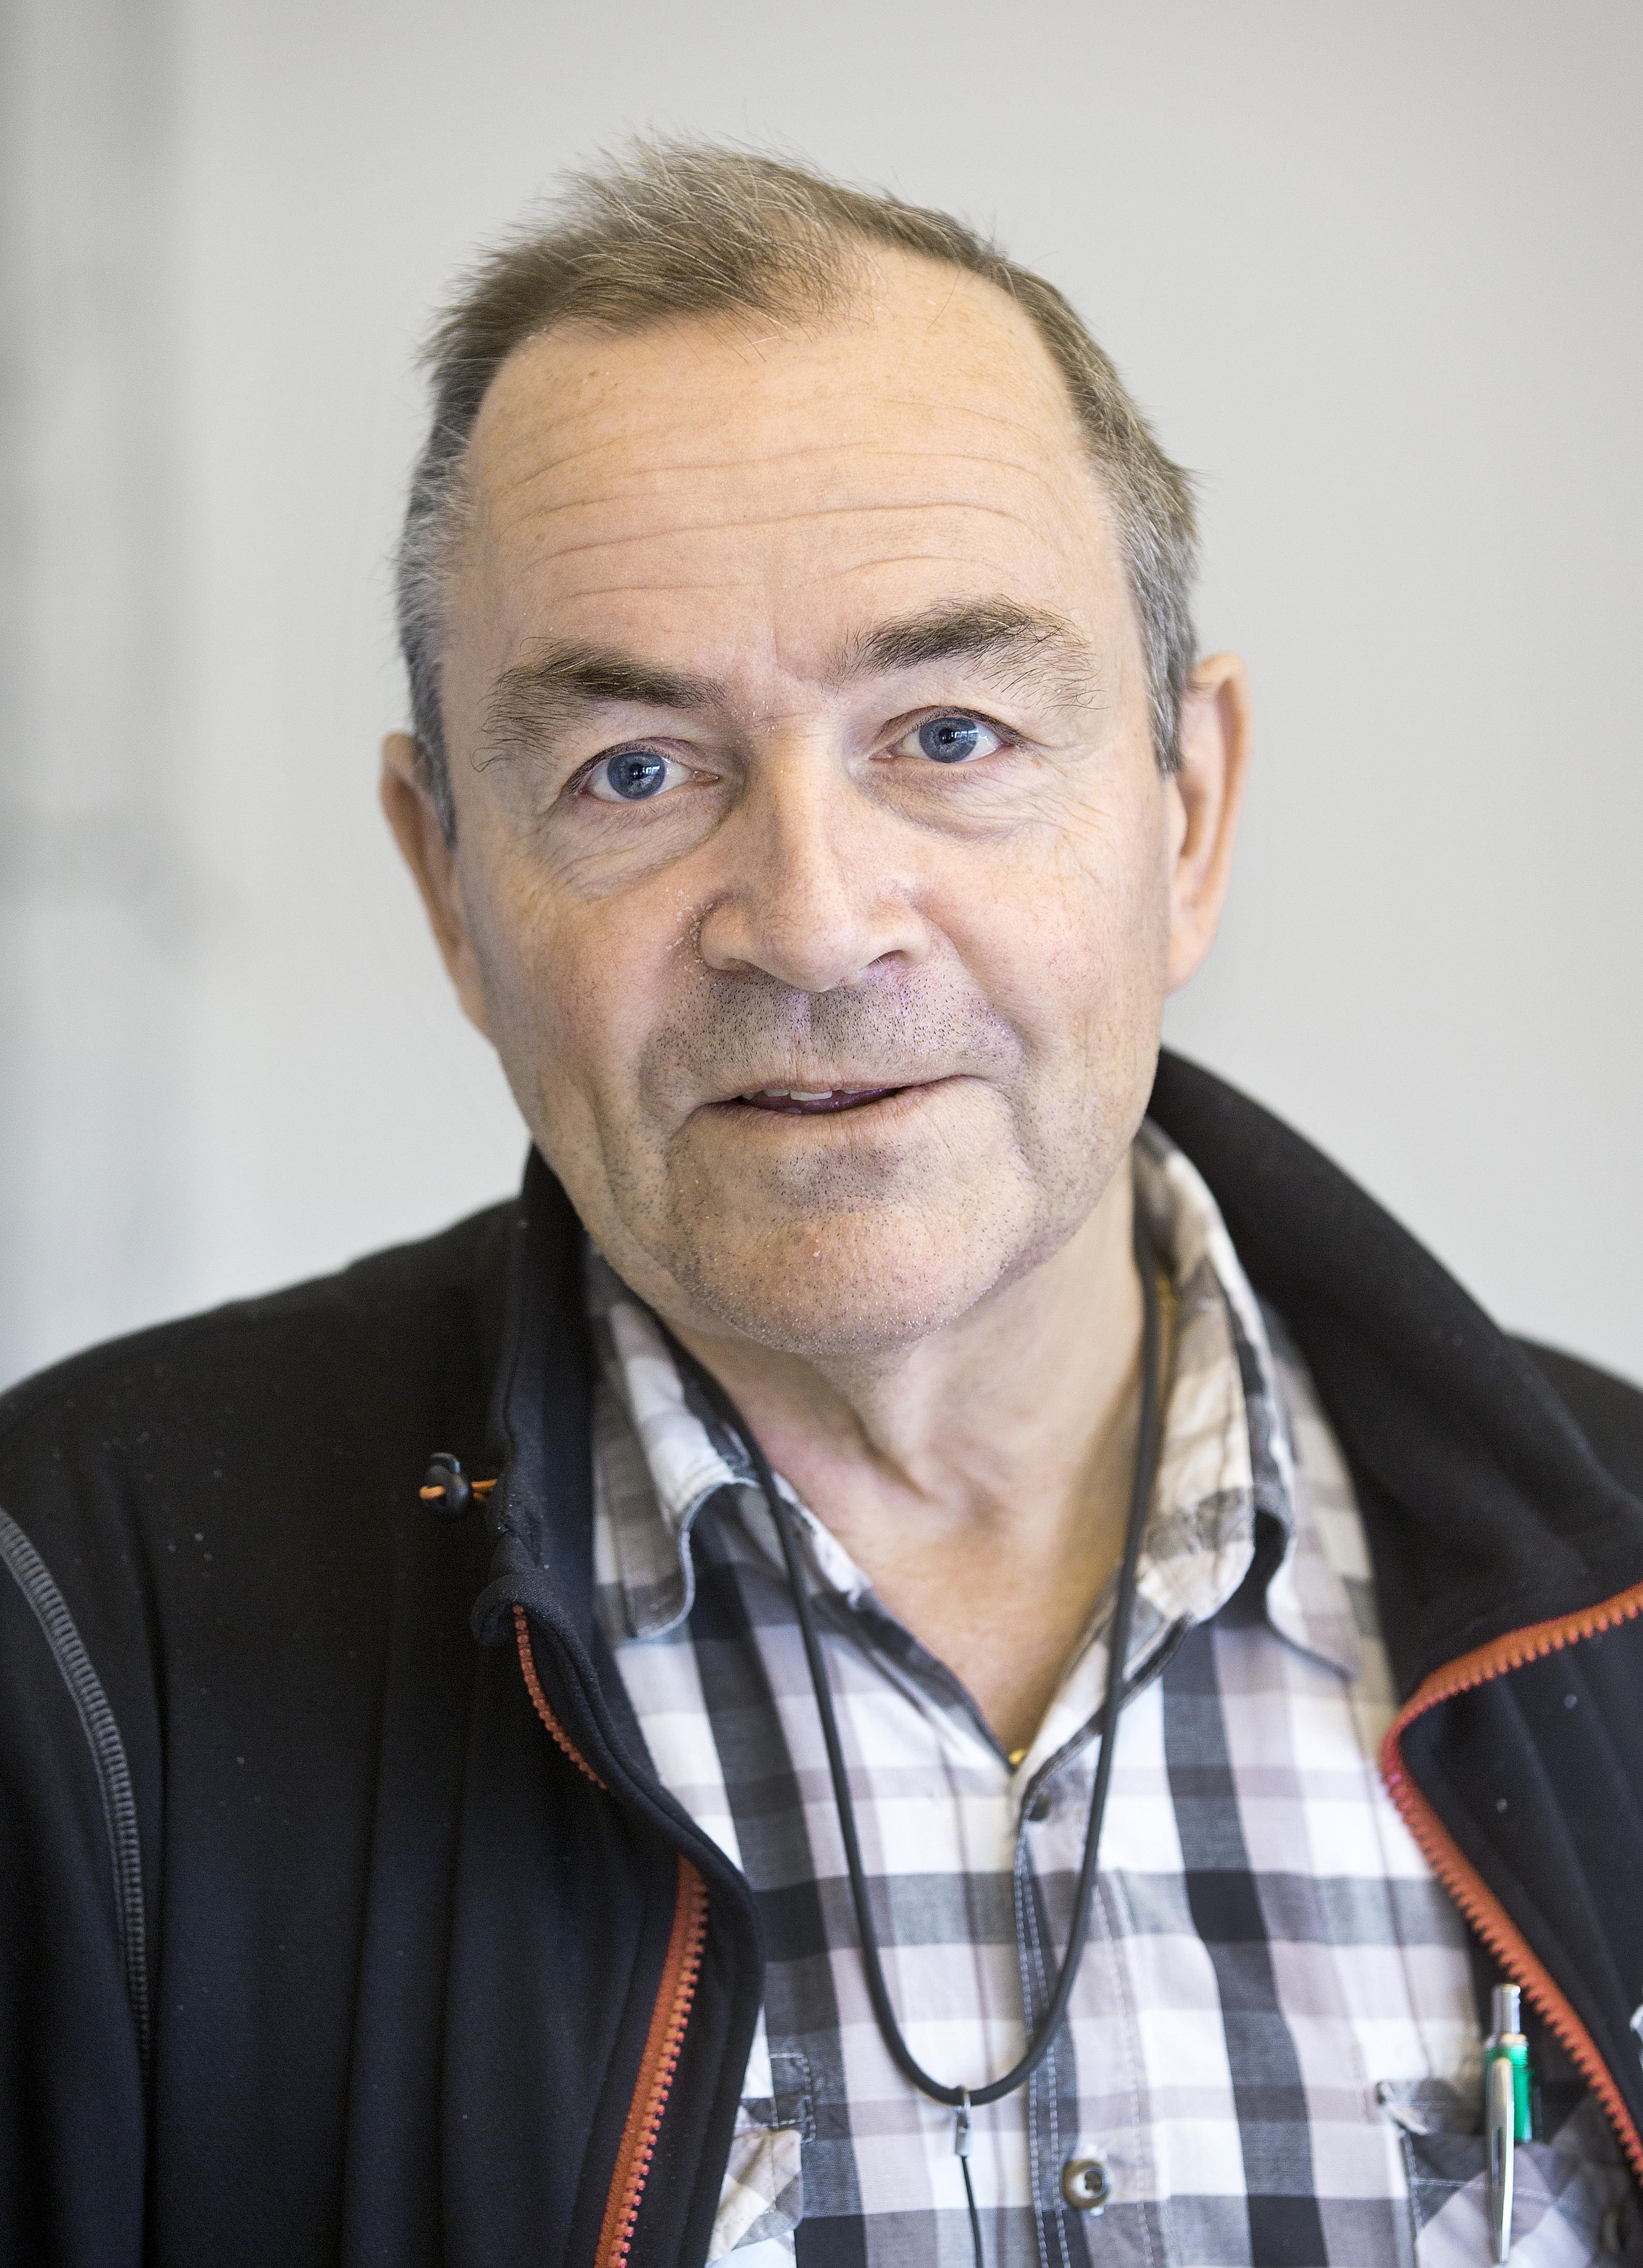 Kenny Fredriksson